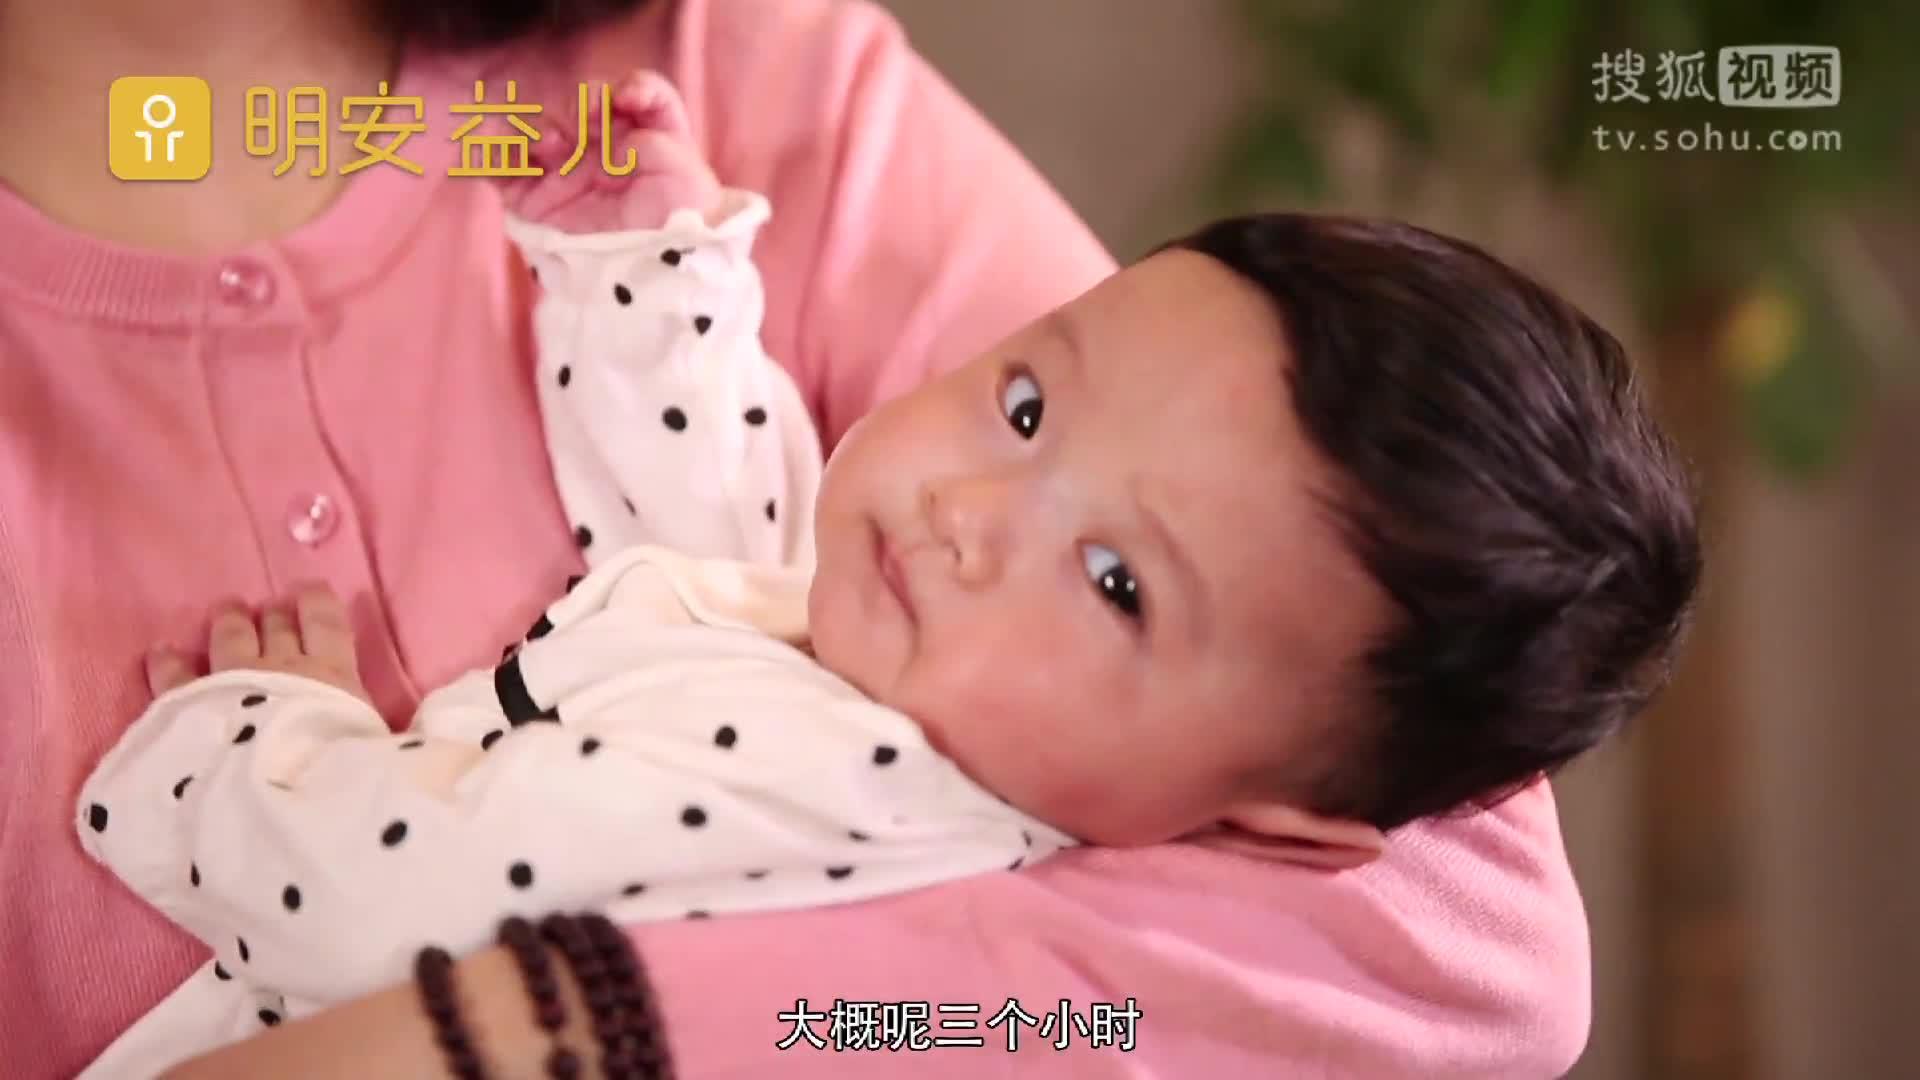 宝宝 壁纸 孩子 剧照 视频截图 小孩 婴儿 1920_1080